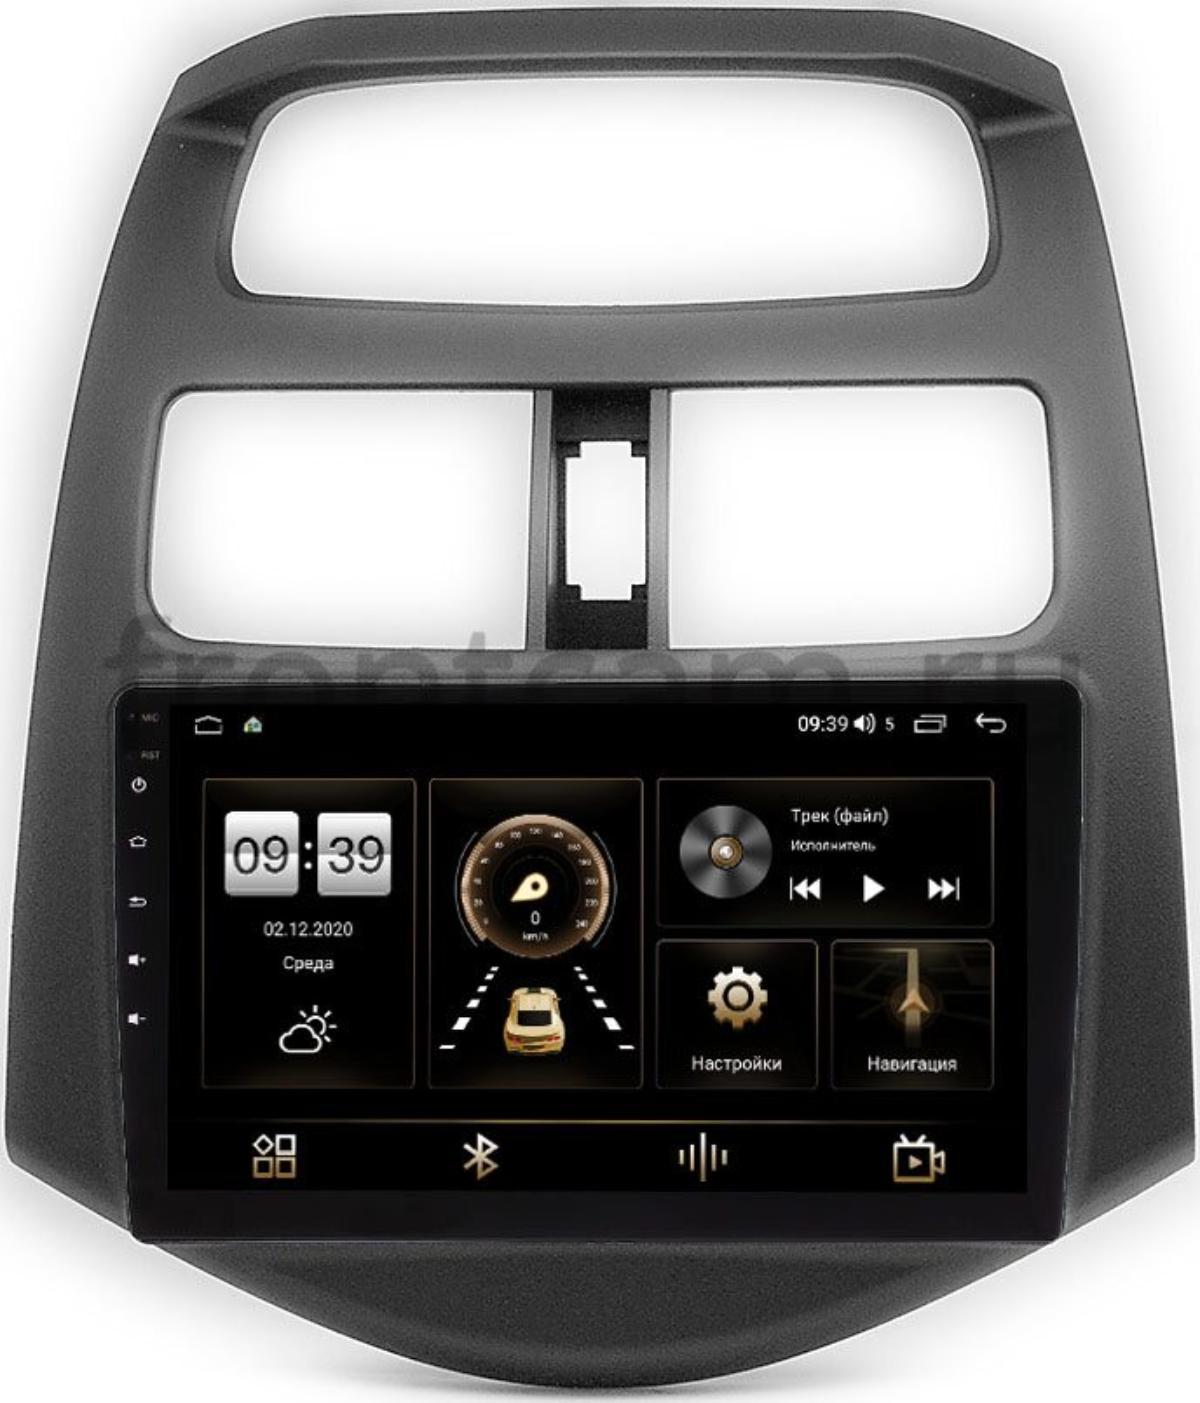 Штатная магнитола Chevrolet Spark III 2009-2016 (глянцевая) LeTrun 4196-9164 на Android 10 (6/128, DSP, QLed) С оптическим выходом (+ Камера заднего вида в подарок!)